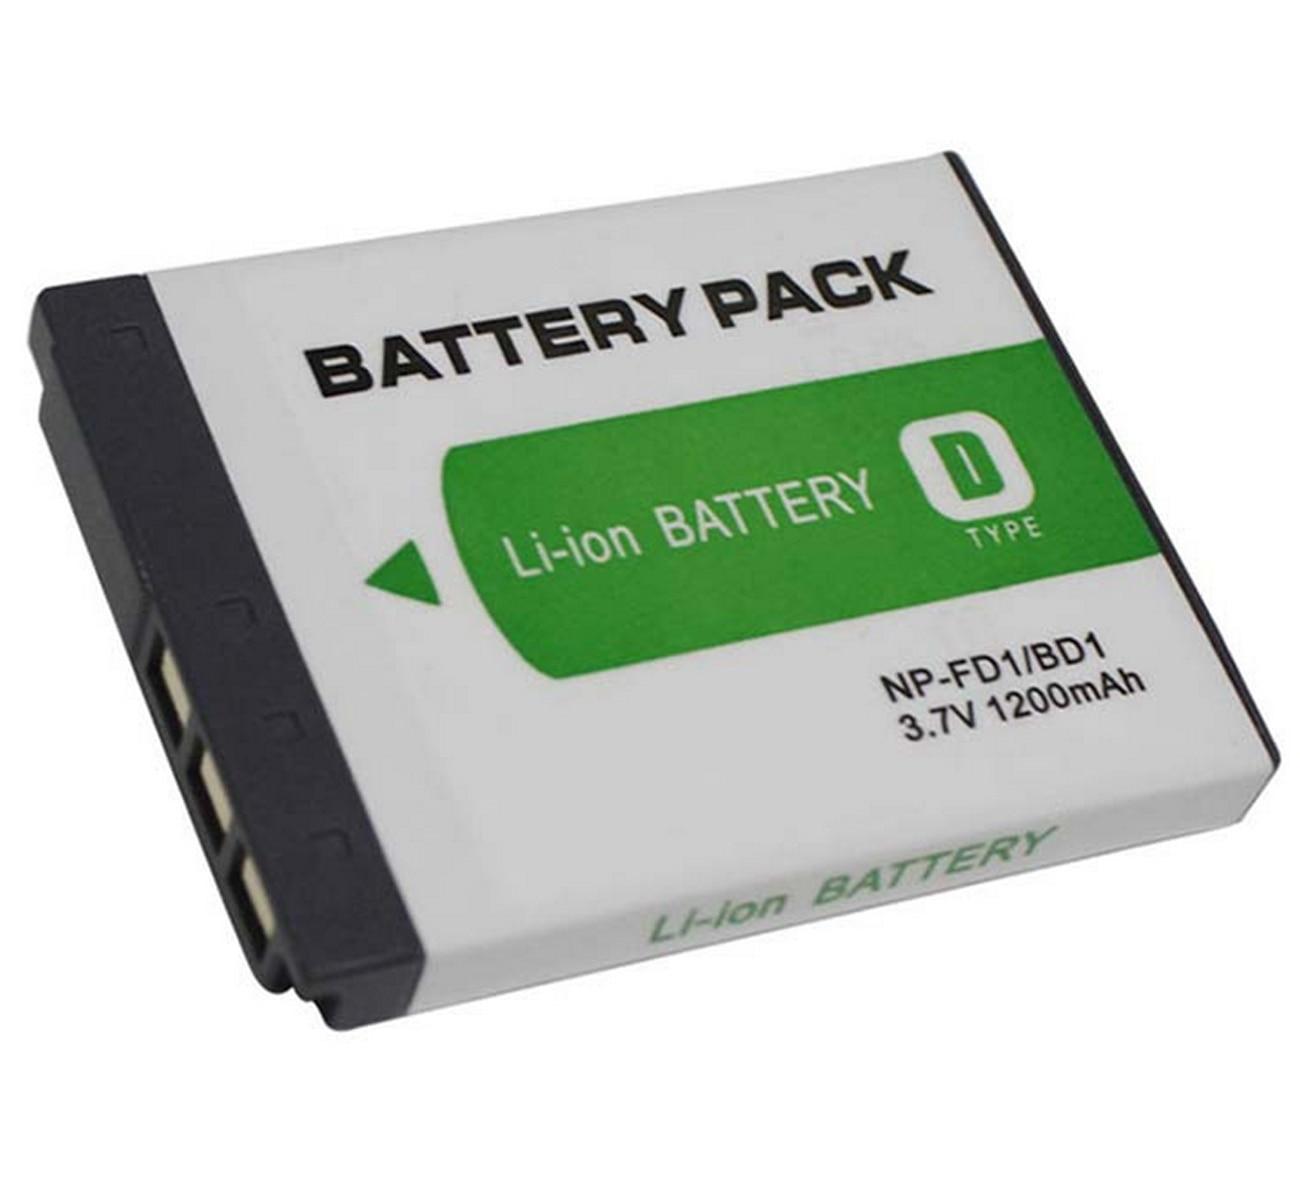 Bateria para sony cyber-shot DSC-T2, DSC-T200, DSC-T300, DSC-T500, DSC-T700, DSC-T900, DSC-T900, DSC-T900/b,/r câmera digital